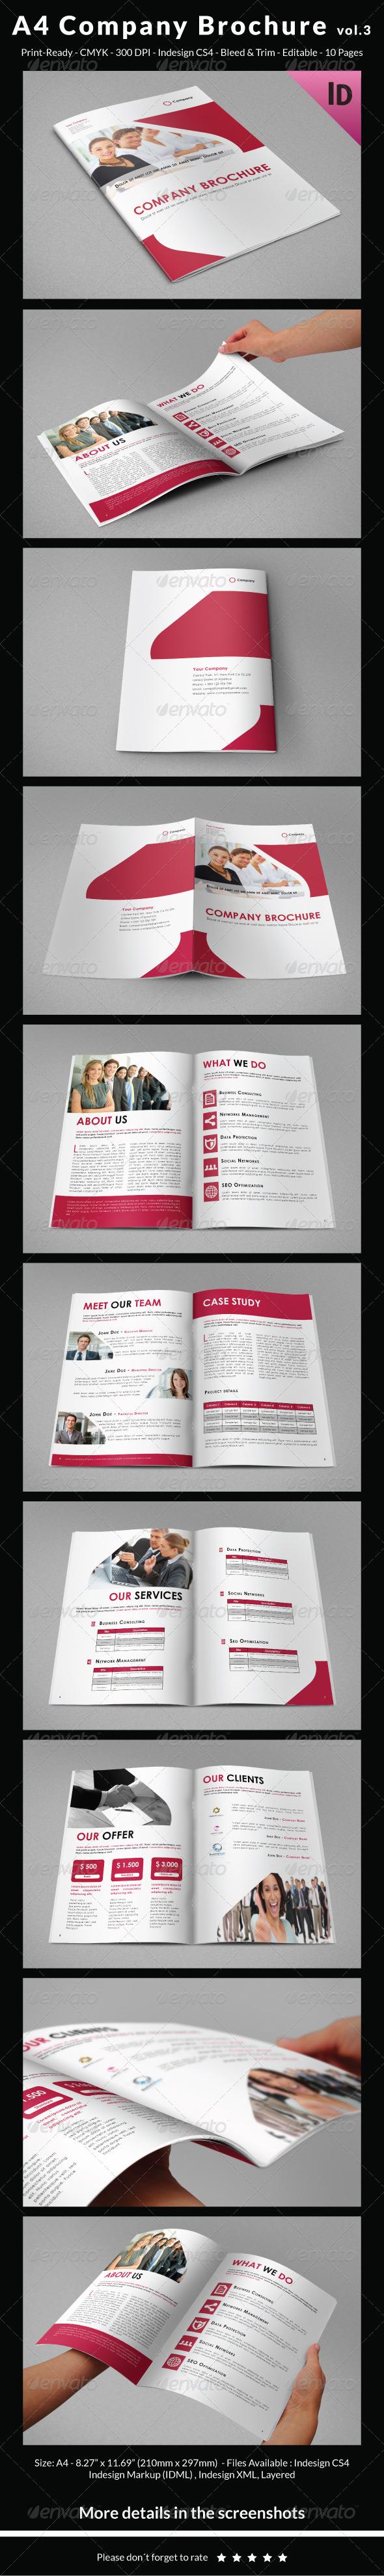 GraphicRiver A4 Company Brochure vol.3 6791145